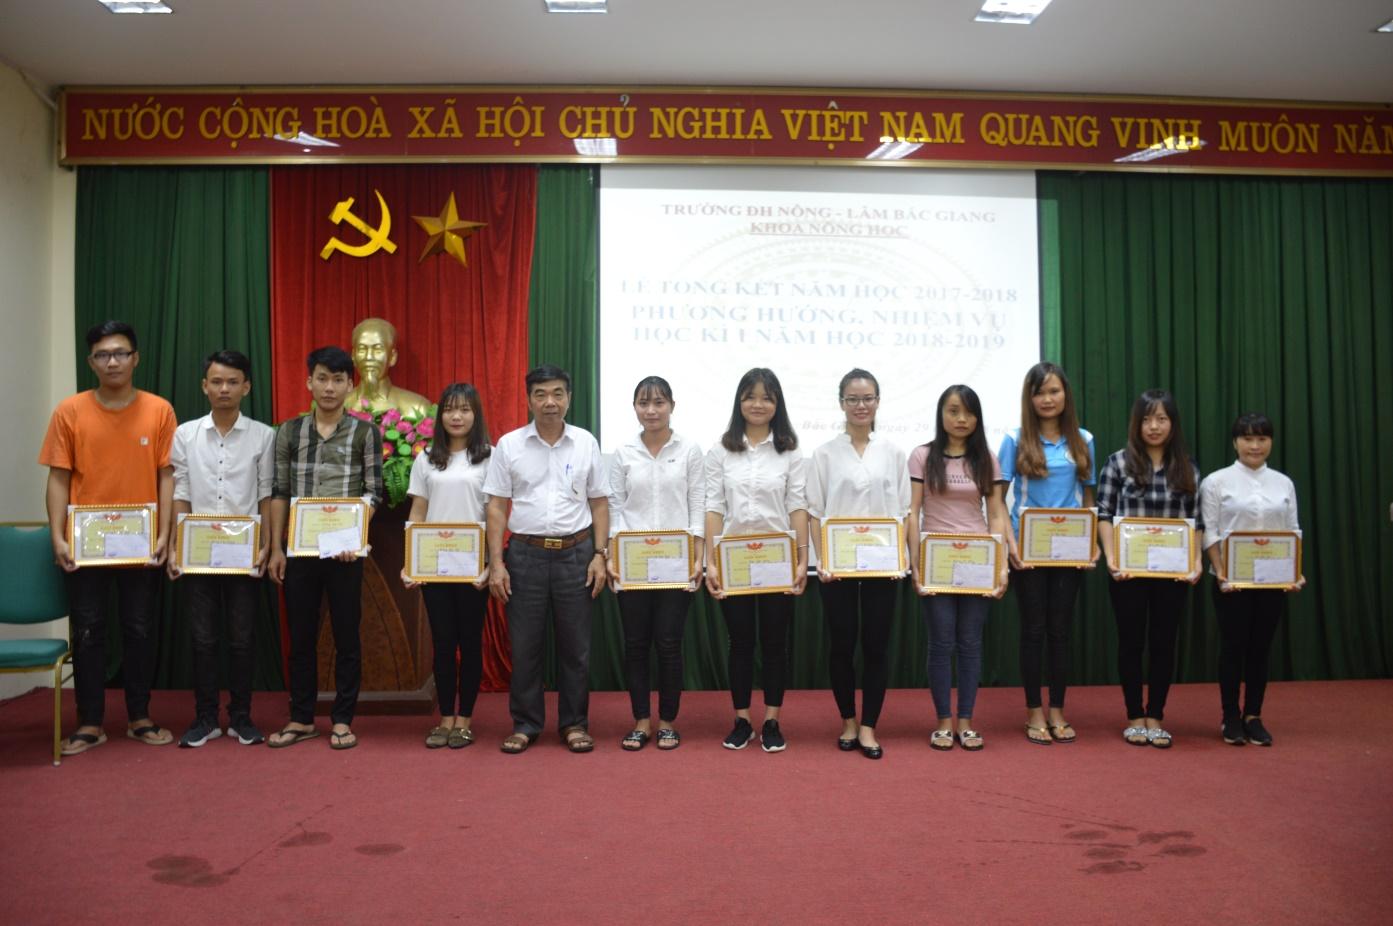 Lễ tổng kết năm học 2017-2018